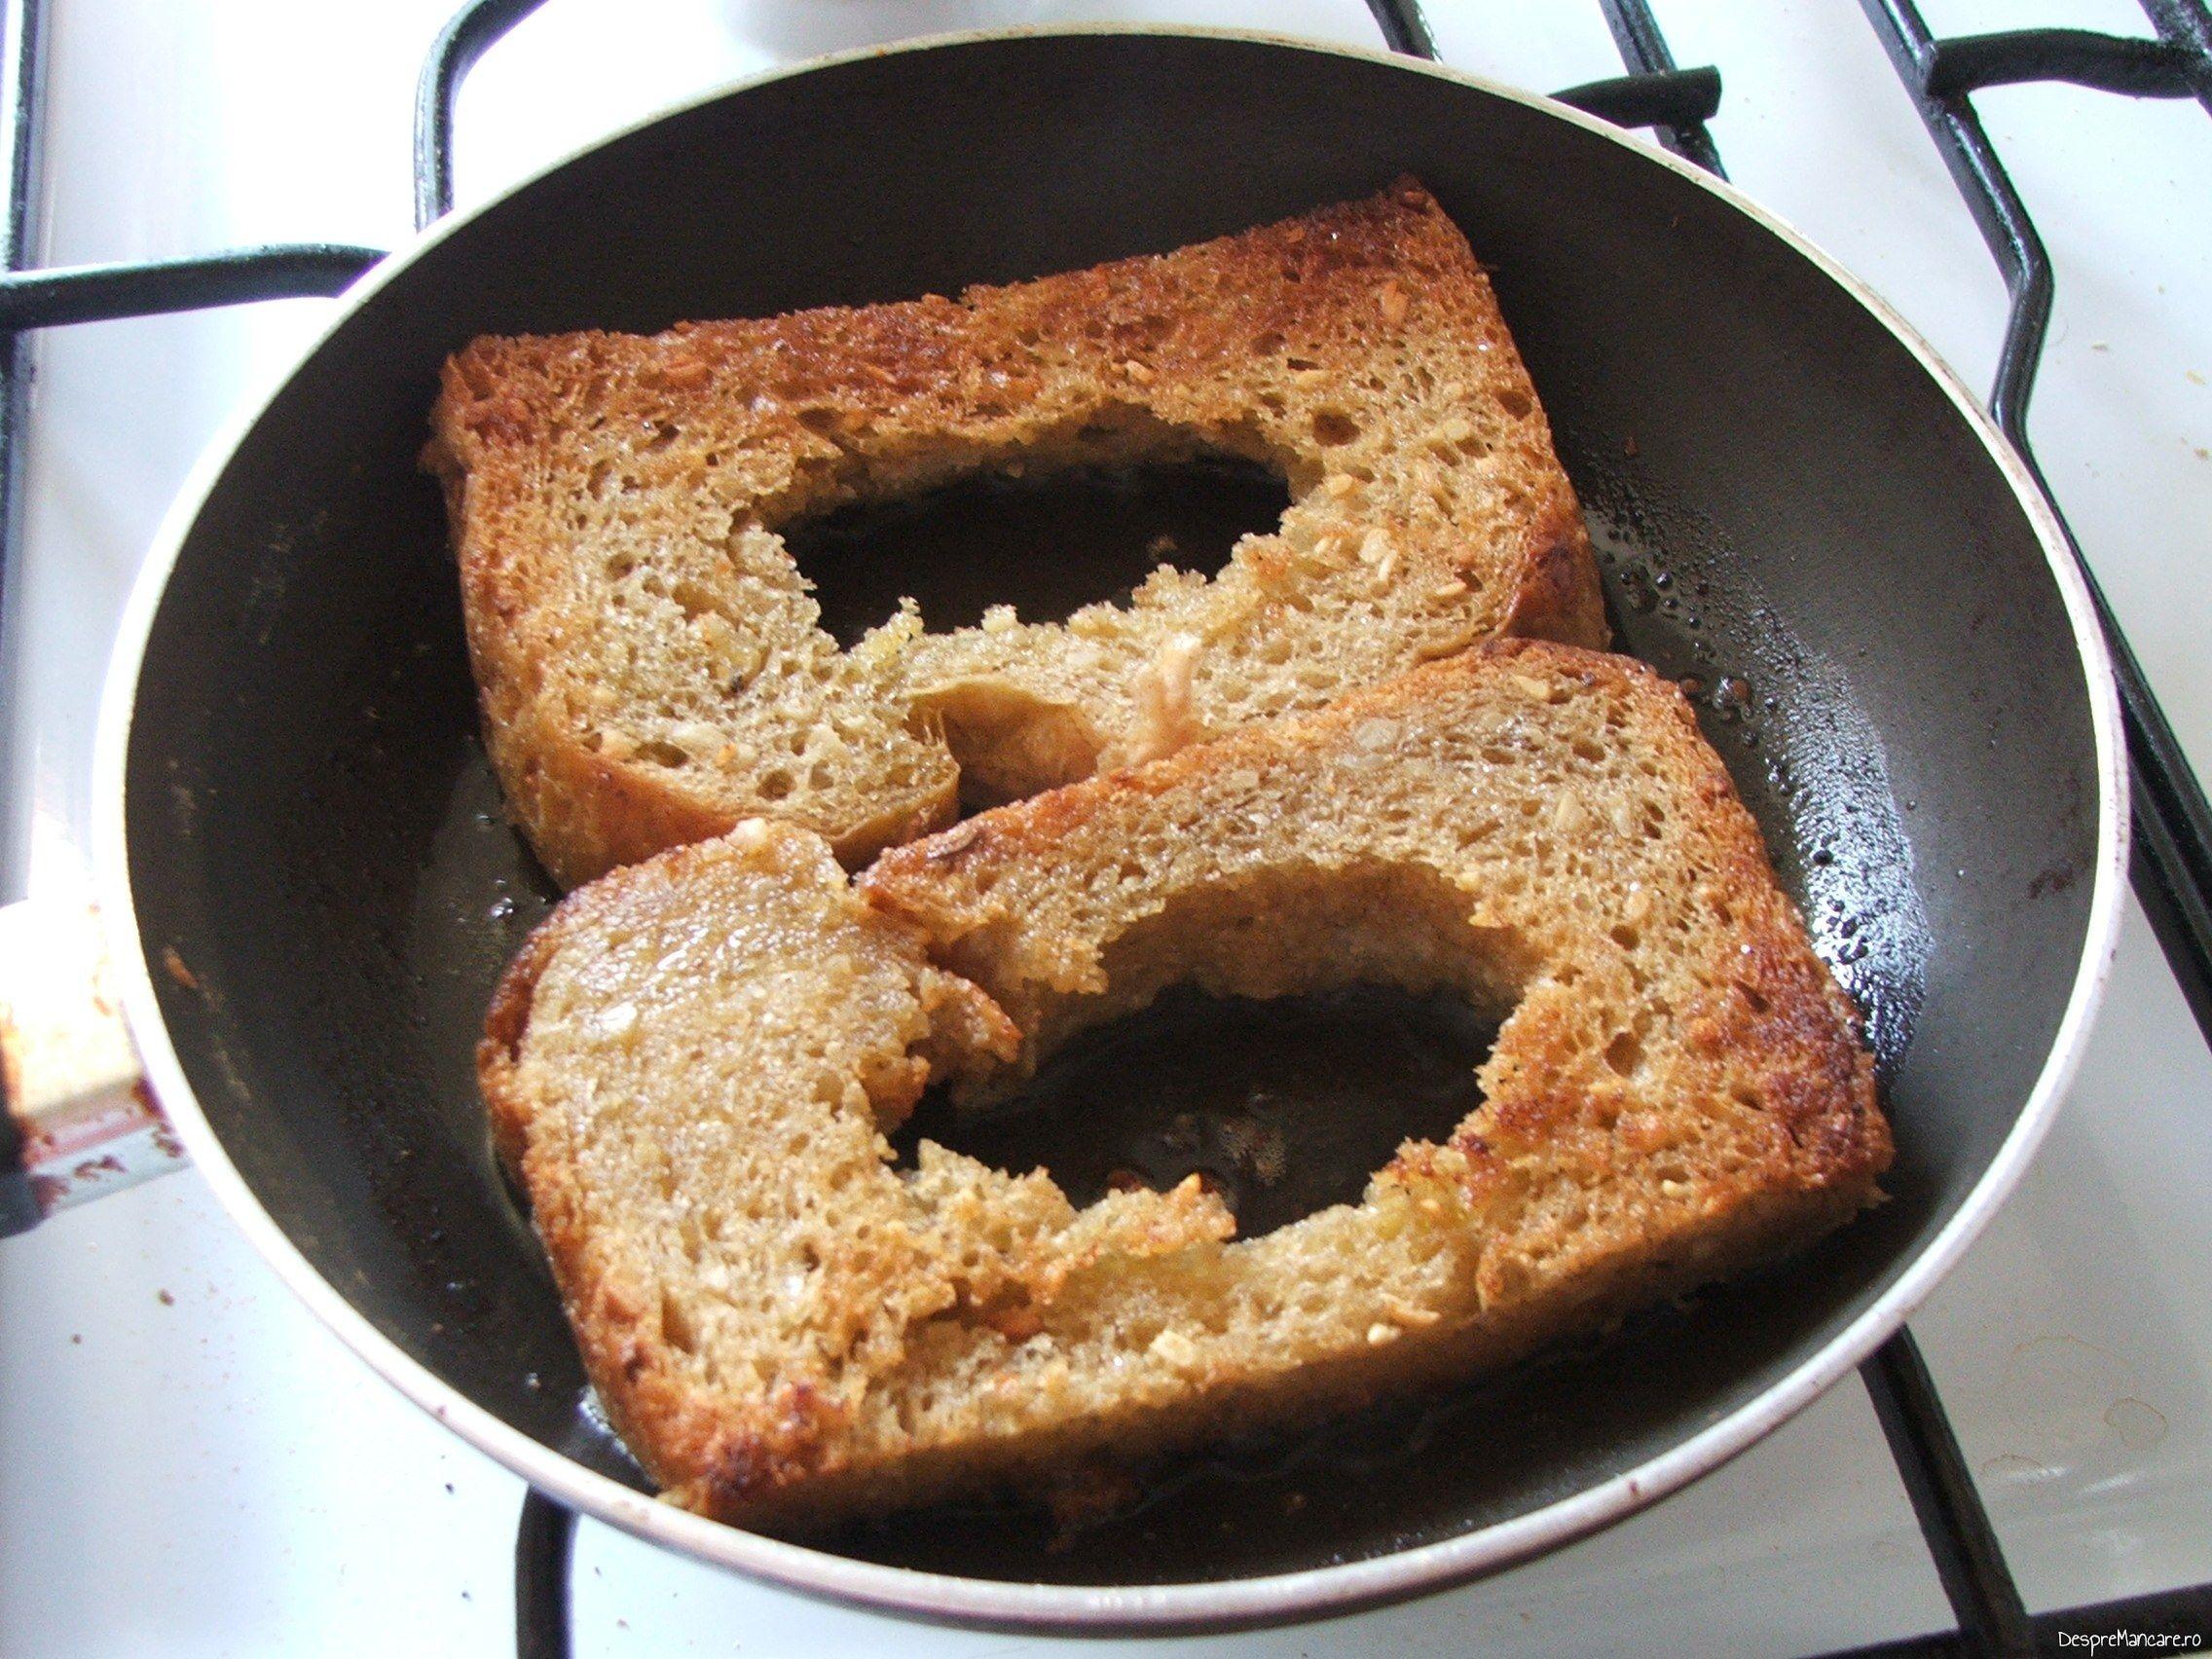 Felii de paine care se prajesc in amestec de ulei de masline si unt proaspat, pentru ochiuri cu cascaval afumat si paine prajita.